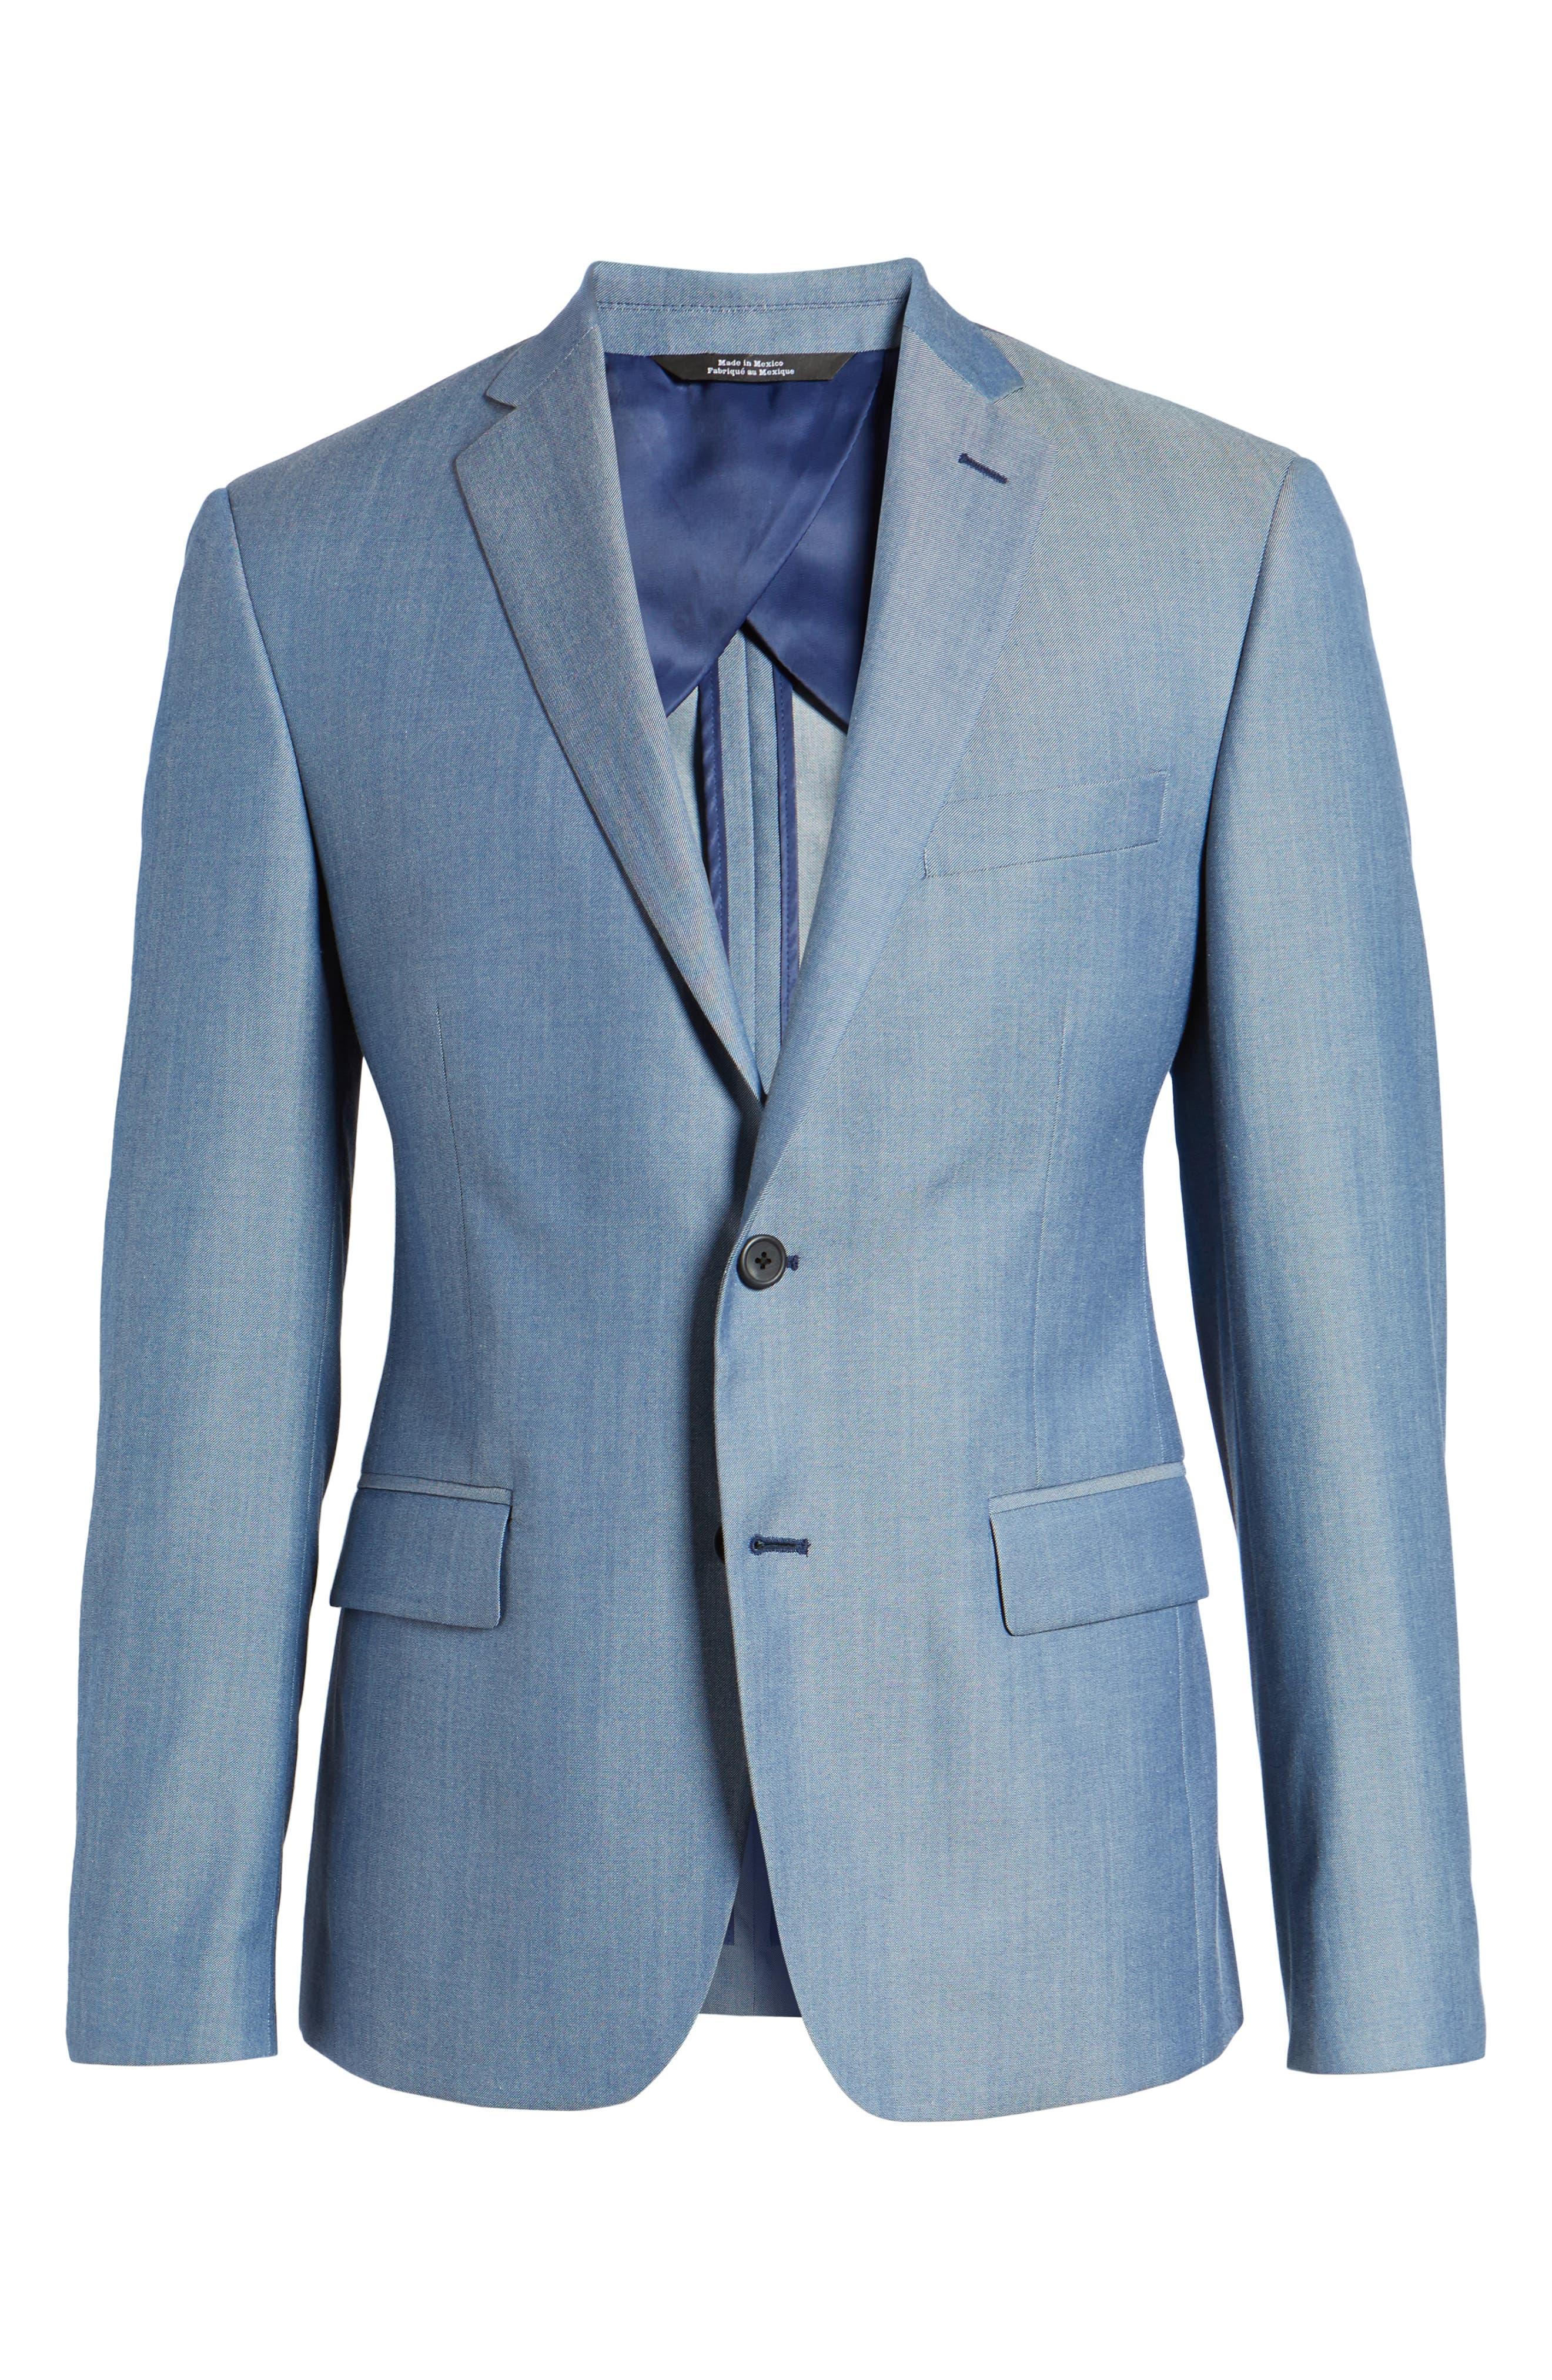 Trim Fit Wool & Cotton Blazer,                             Alternate thumbnail 6, color,                             Blue Denim